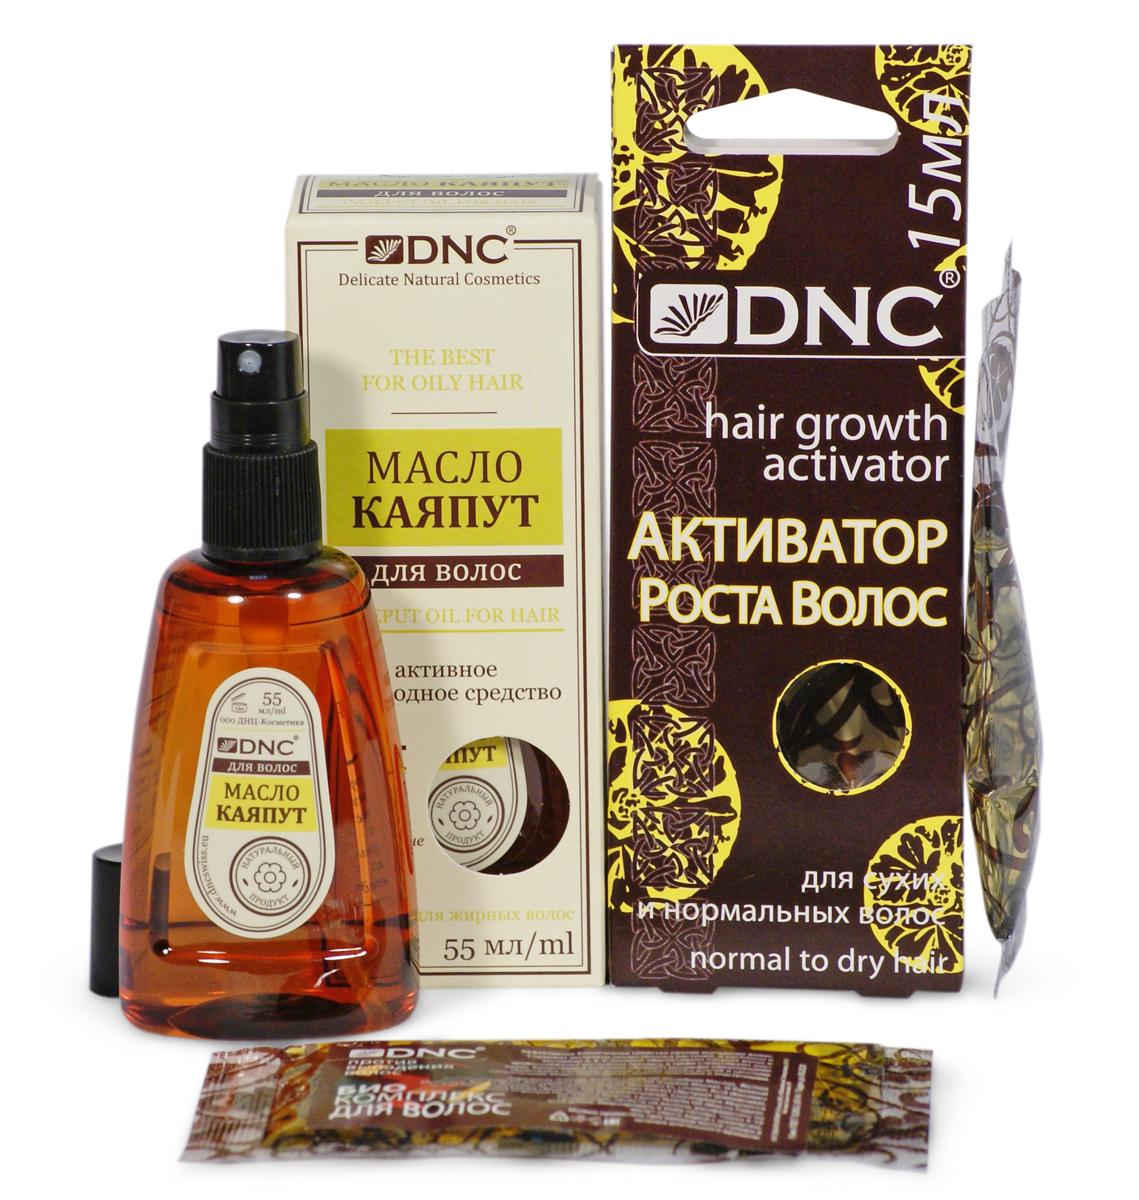 DNC, Активатор роста для сухих и нормальных волос, 15 мл; Масло Каяпут для волос, 55 мл + ПОДАРОК Бикомплекс против выпадения волос, 15 мл dnc набор филлер для волос 3 15 мл и шелк для волос 4 10 мл